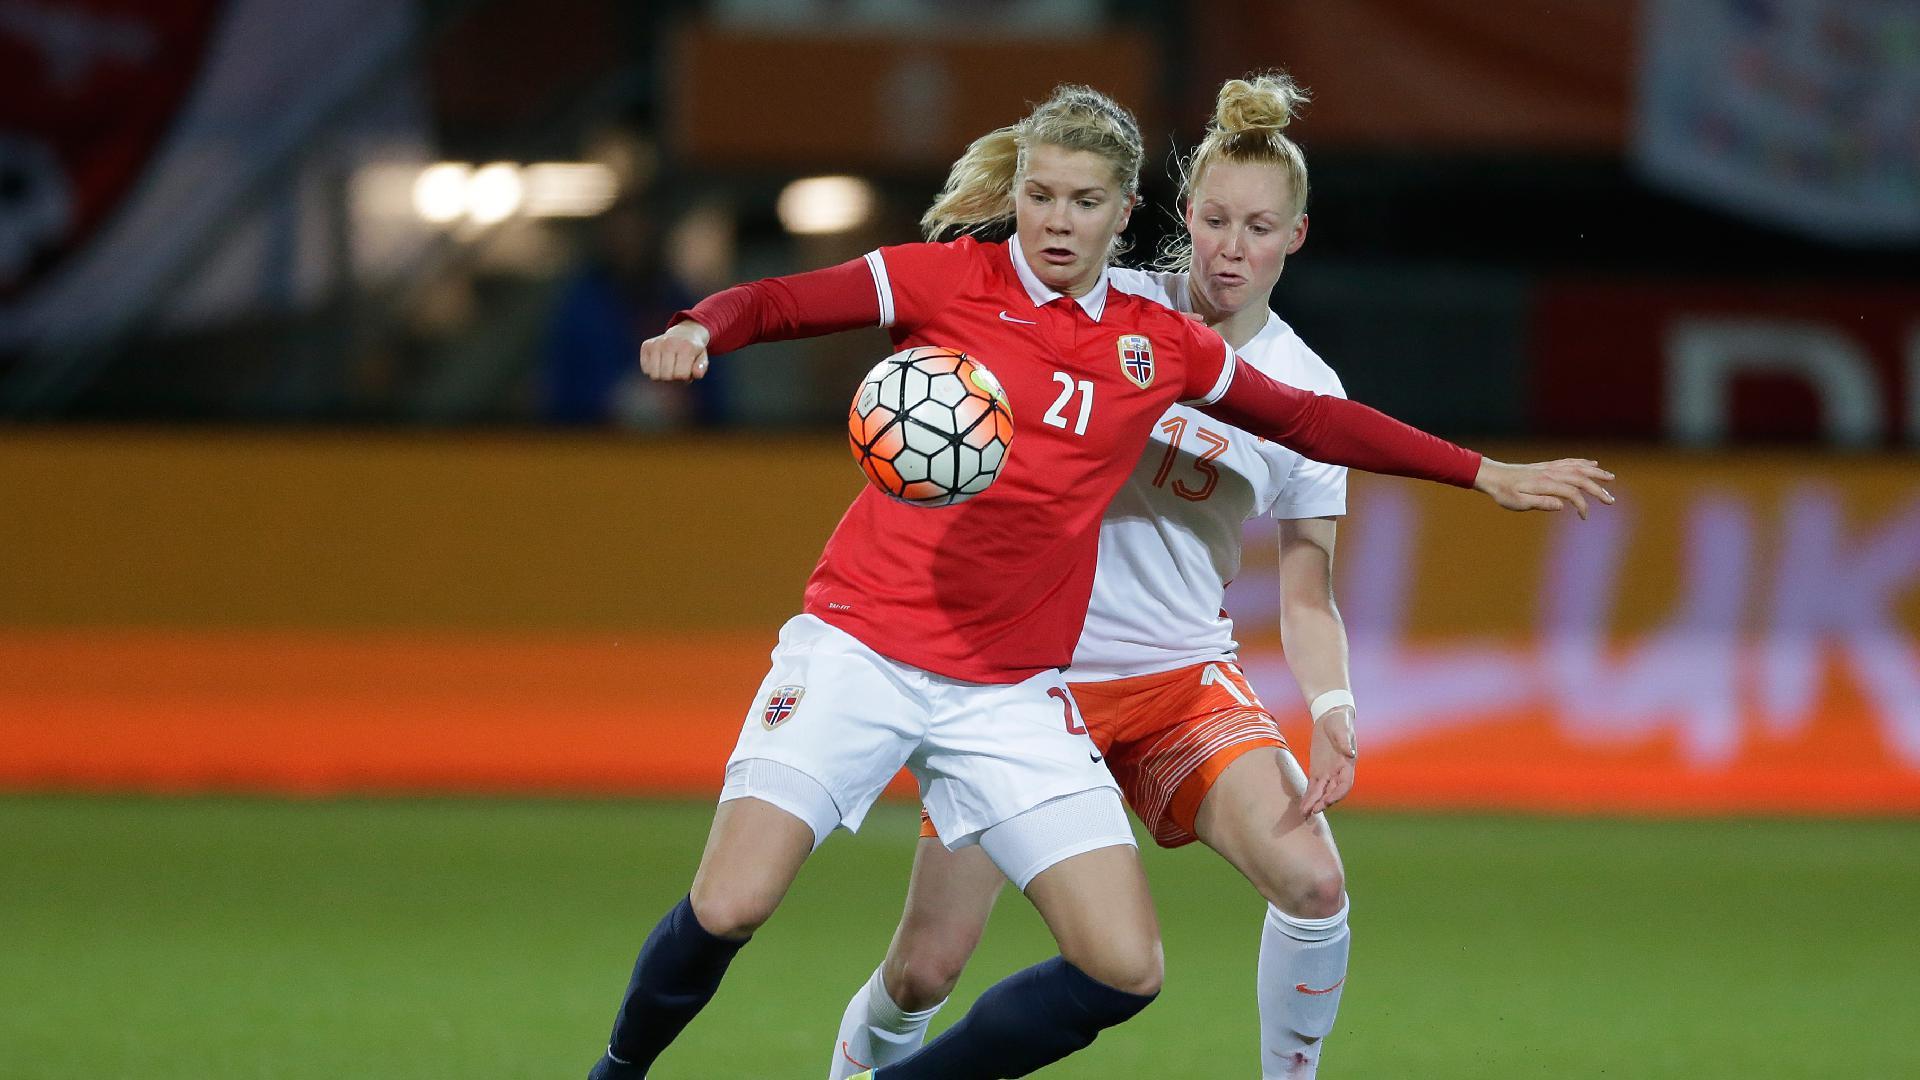 Les Pays-Bas débutent face à la Norvège d'Ada Hegerberg (photo KNVB)